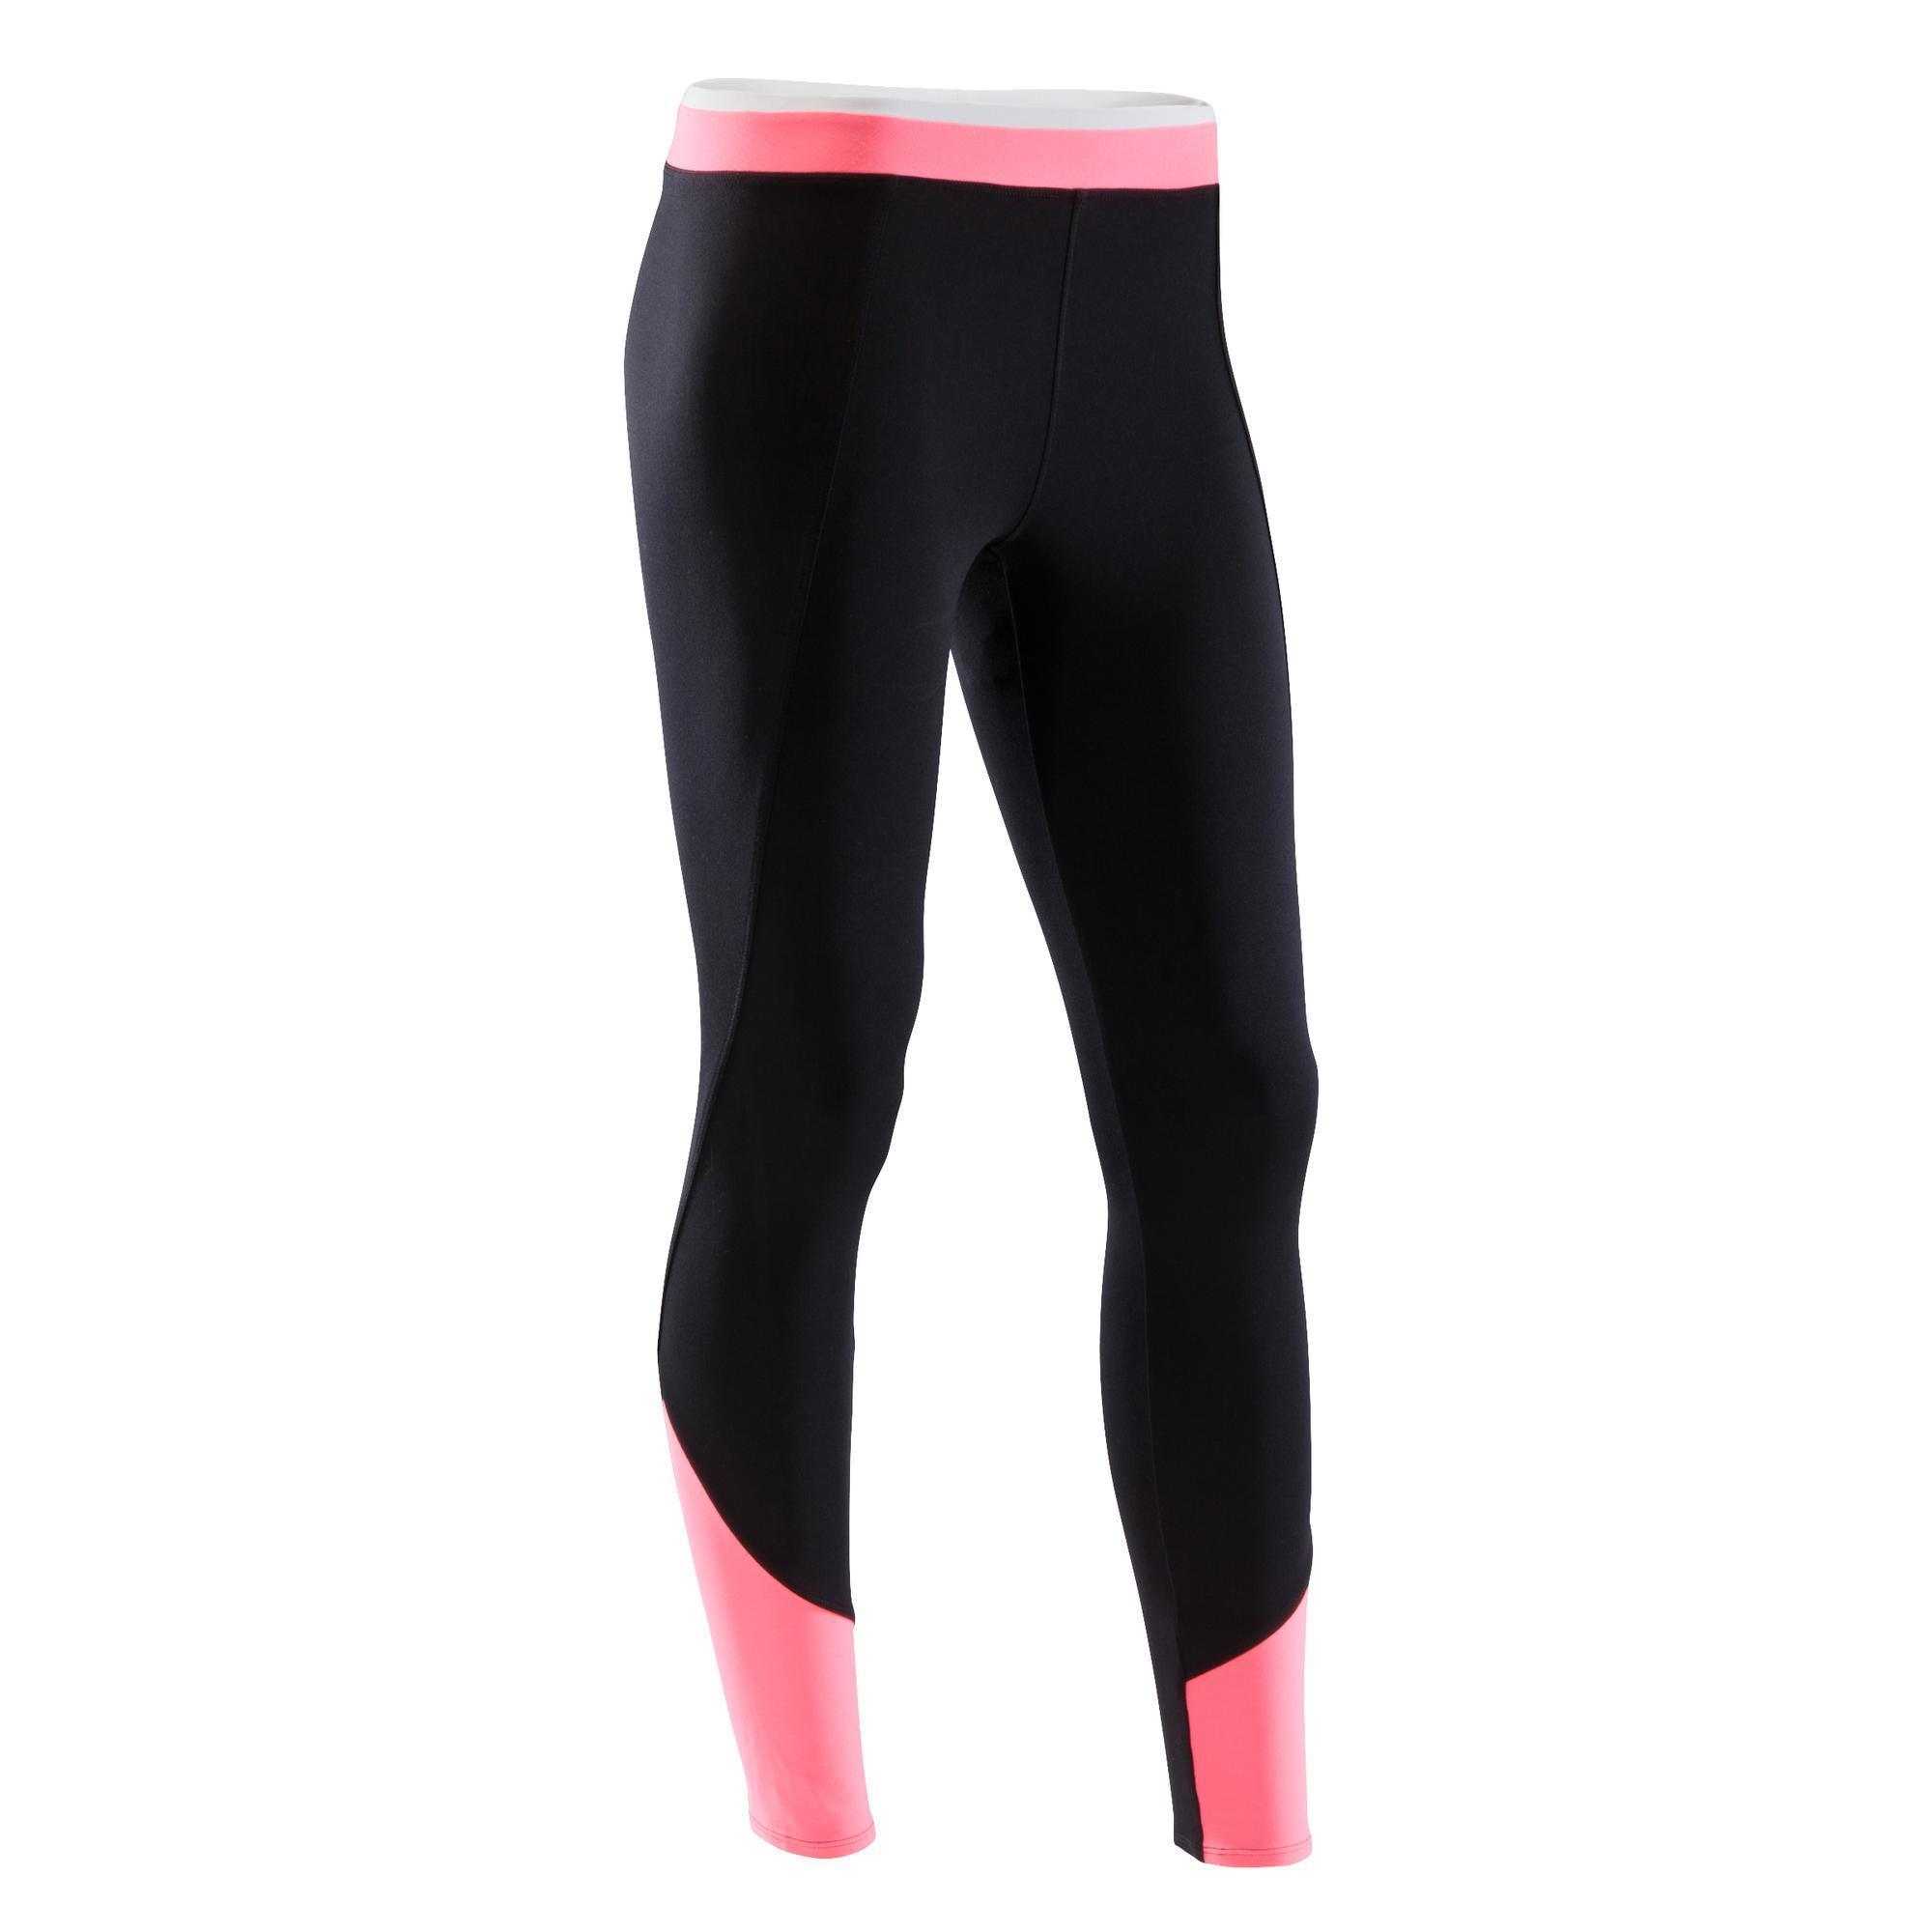 Domyos Fitnesslegging cardiotraining dames tweekleurig zwart/roze 120